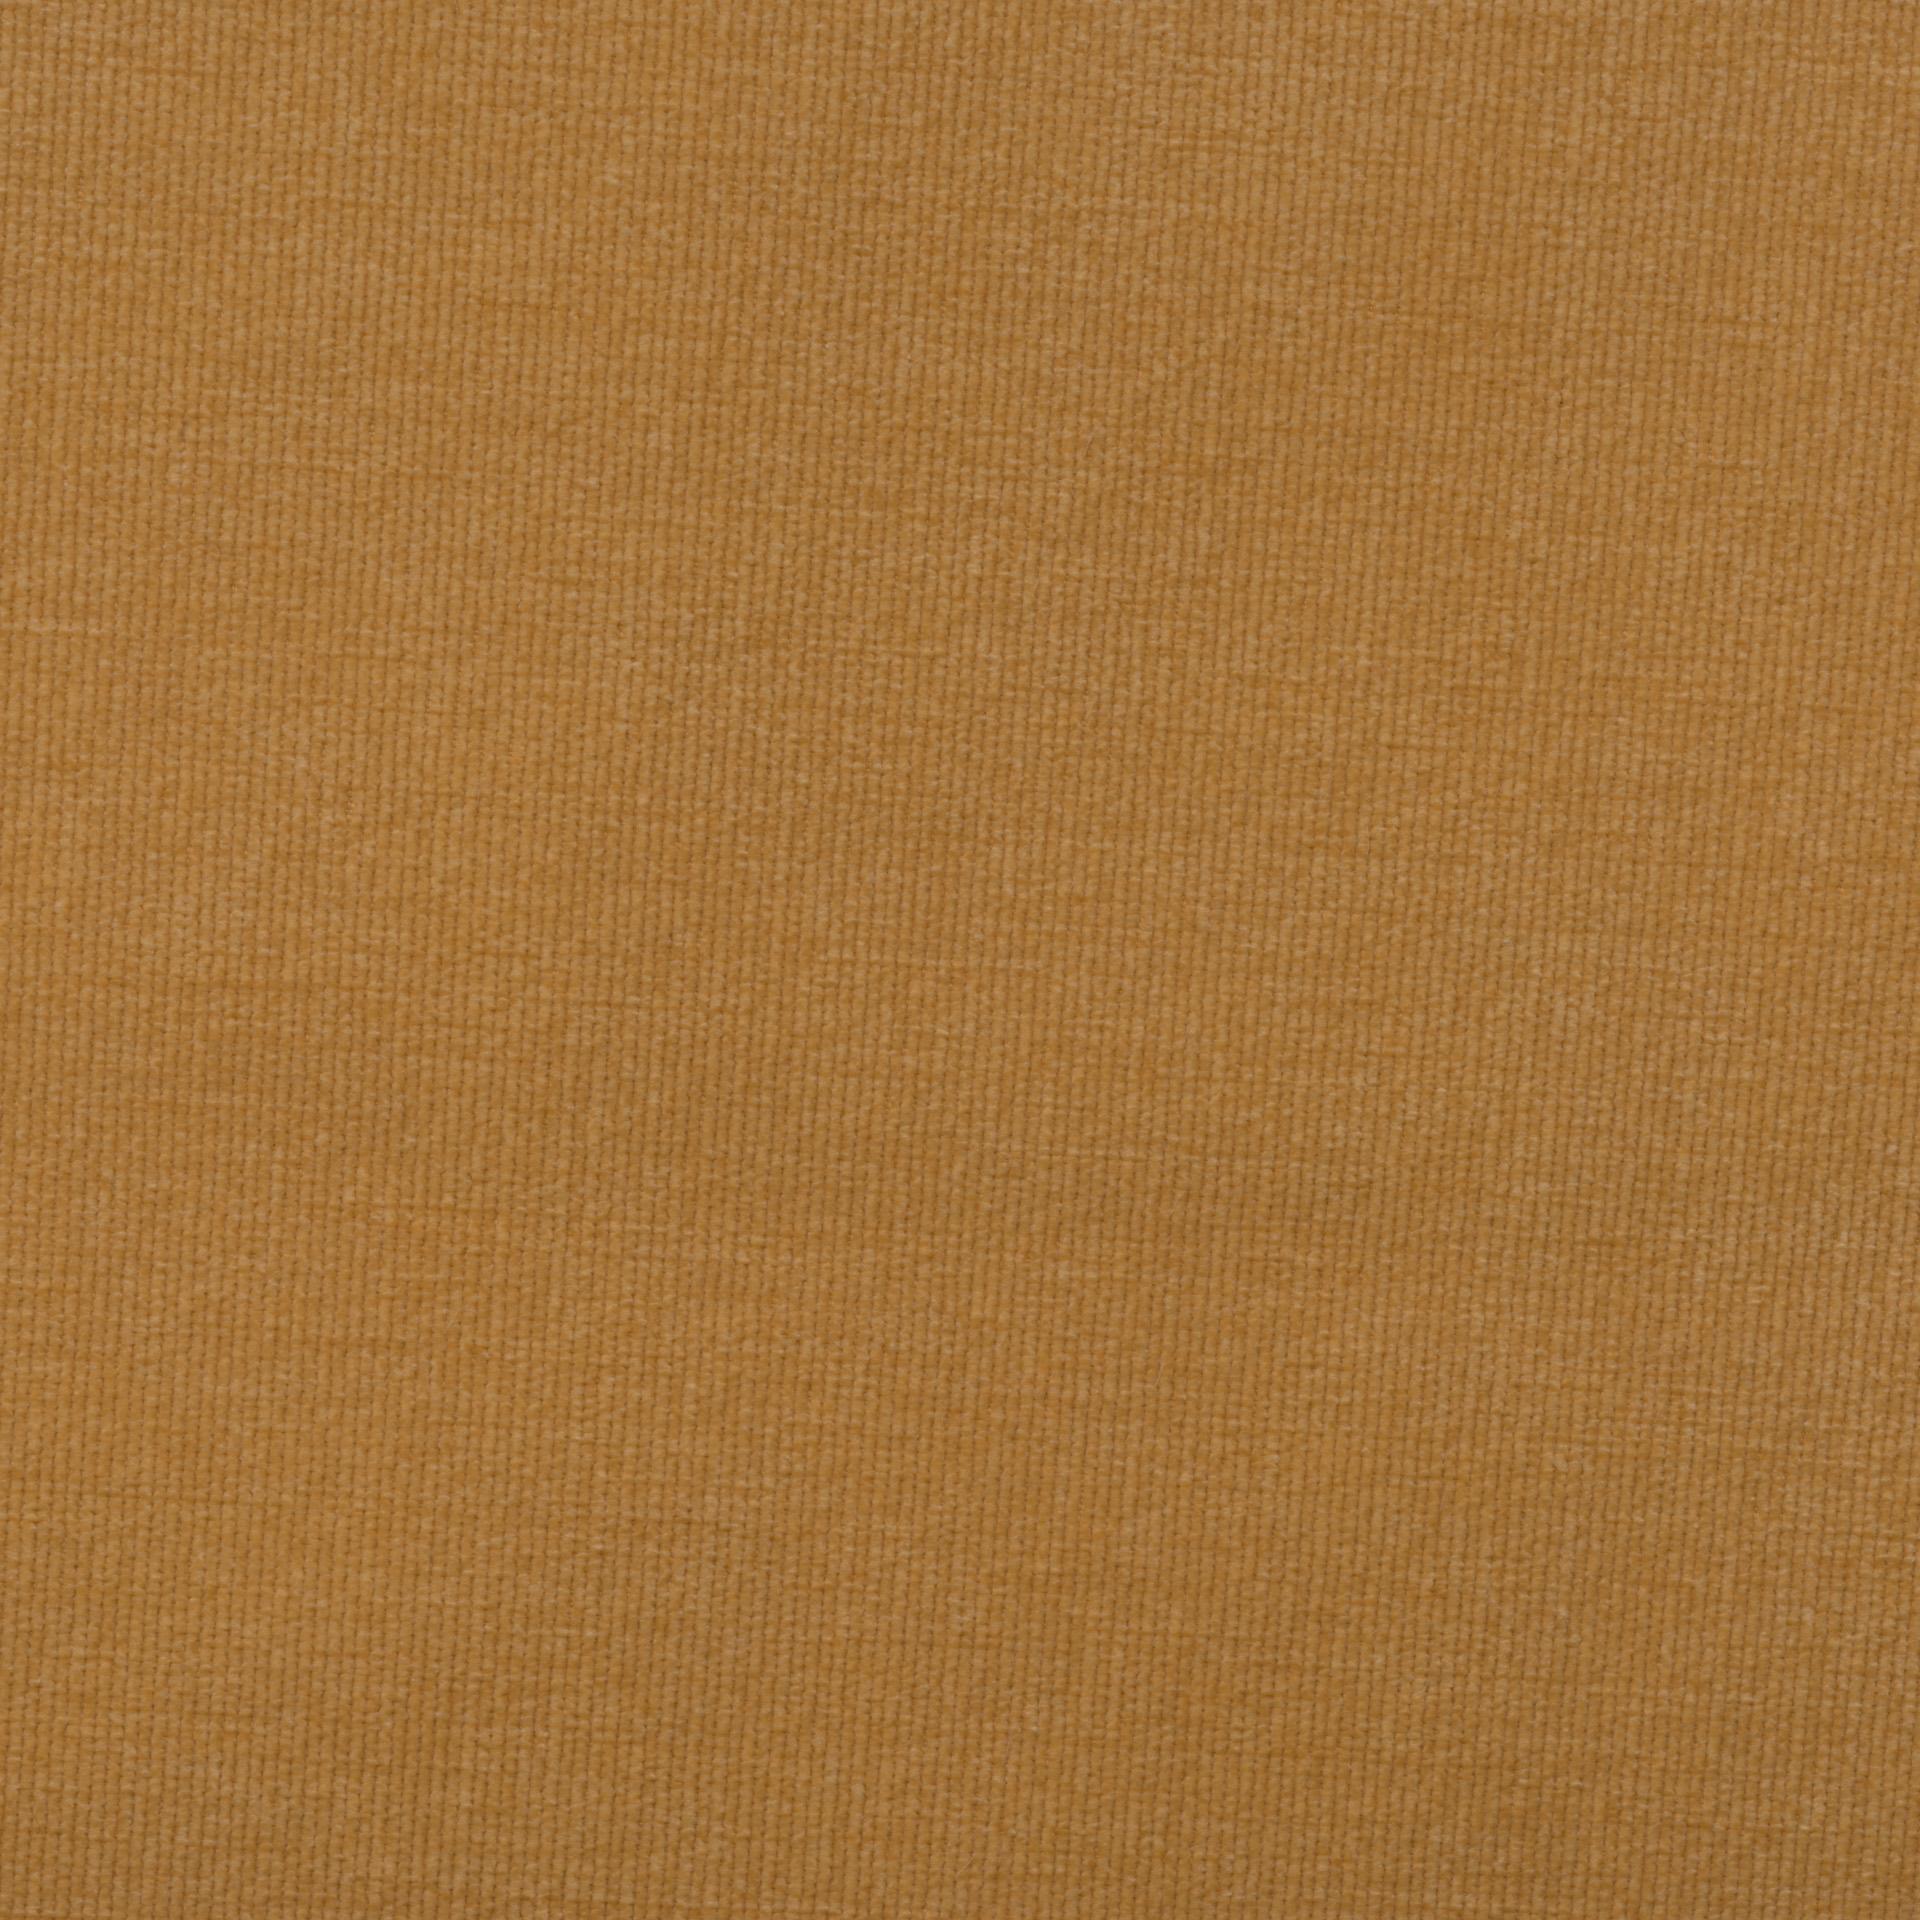 Коллекция ткани Кордрой 230,  купить ткань Велюр для мебели Украина